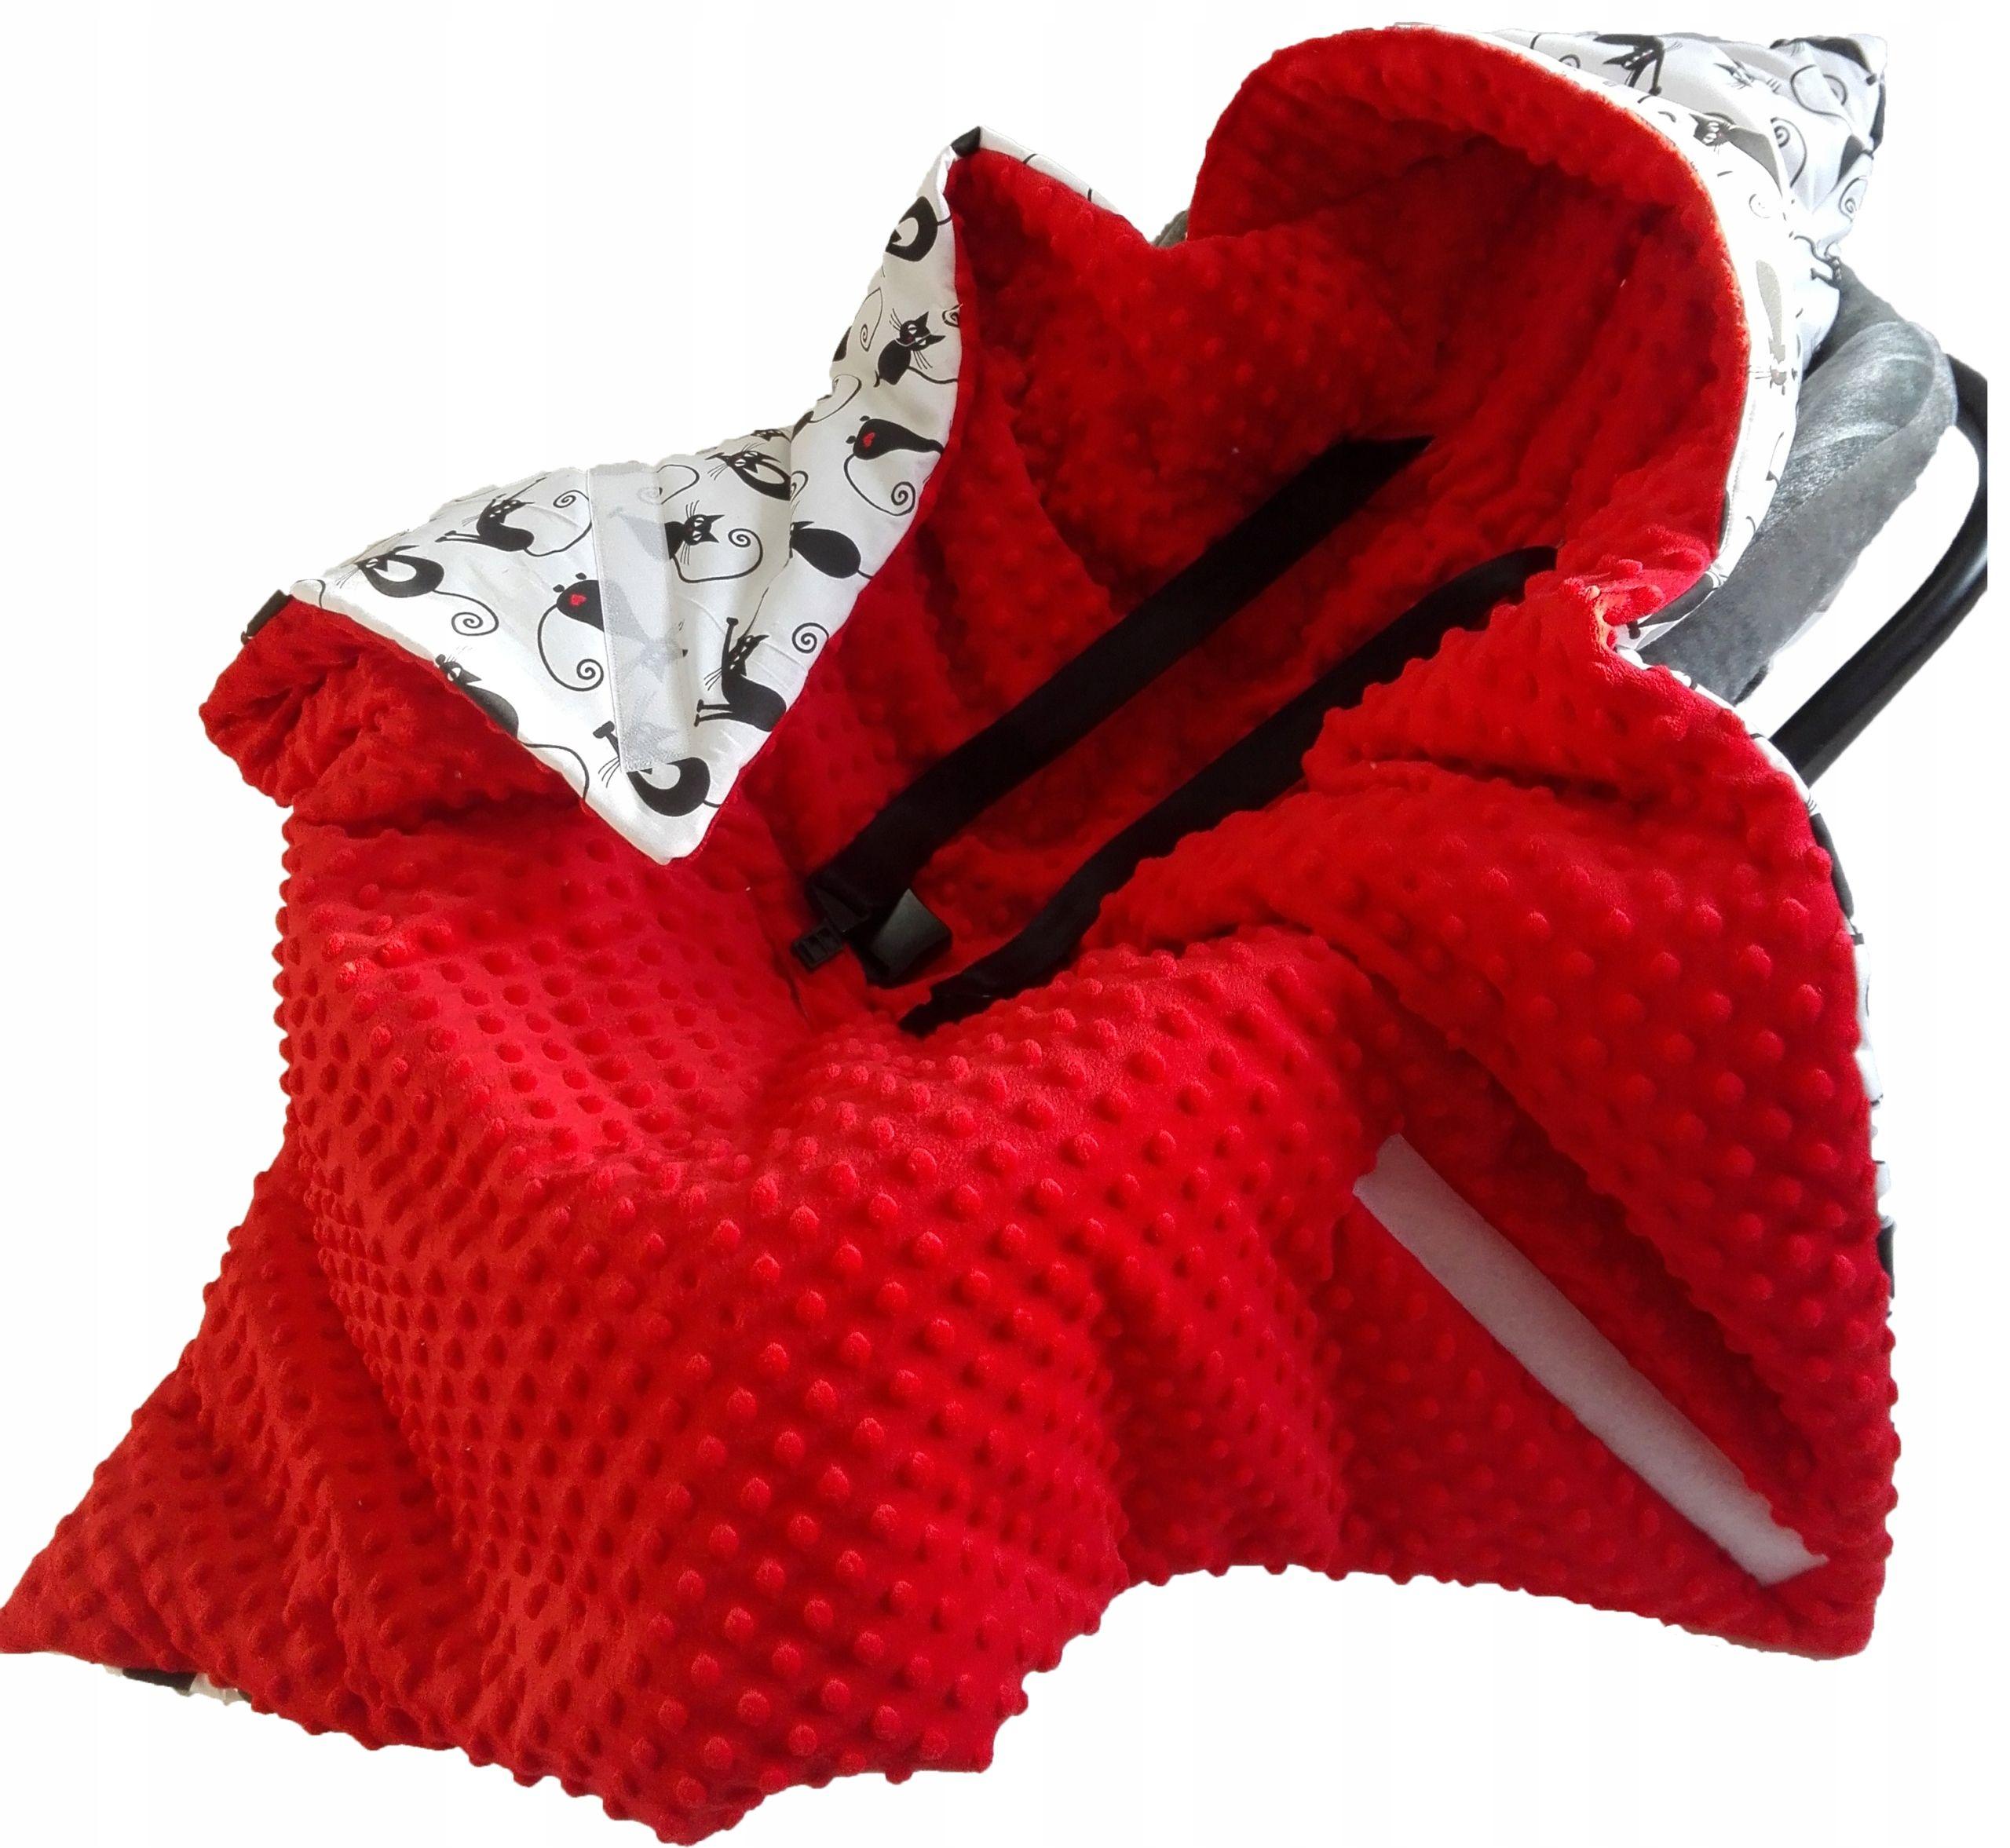 Kocyk Minky Z Kapturem Nosidelka Fotelika Otulacz Fashion Scarf Handmade